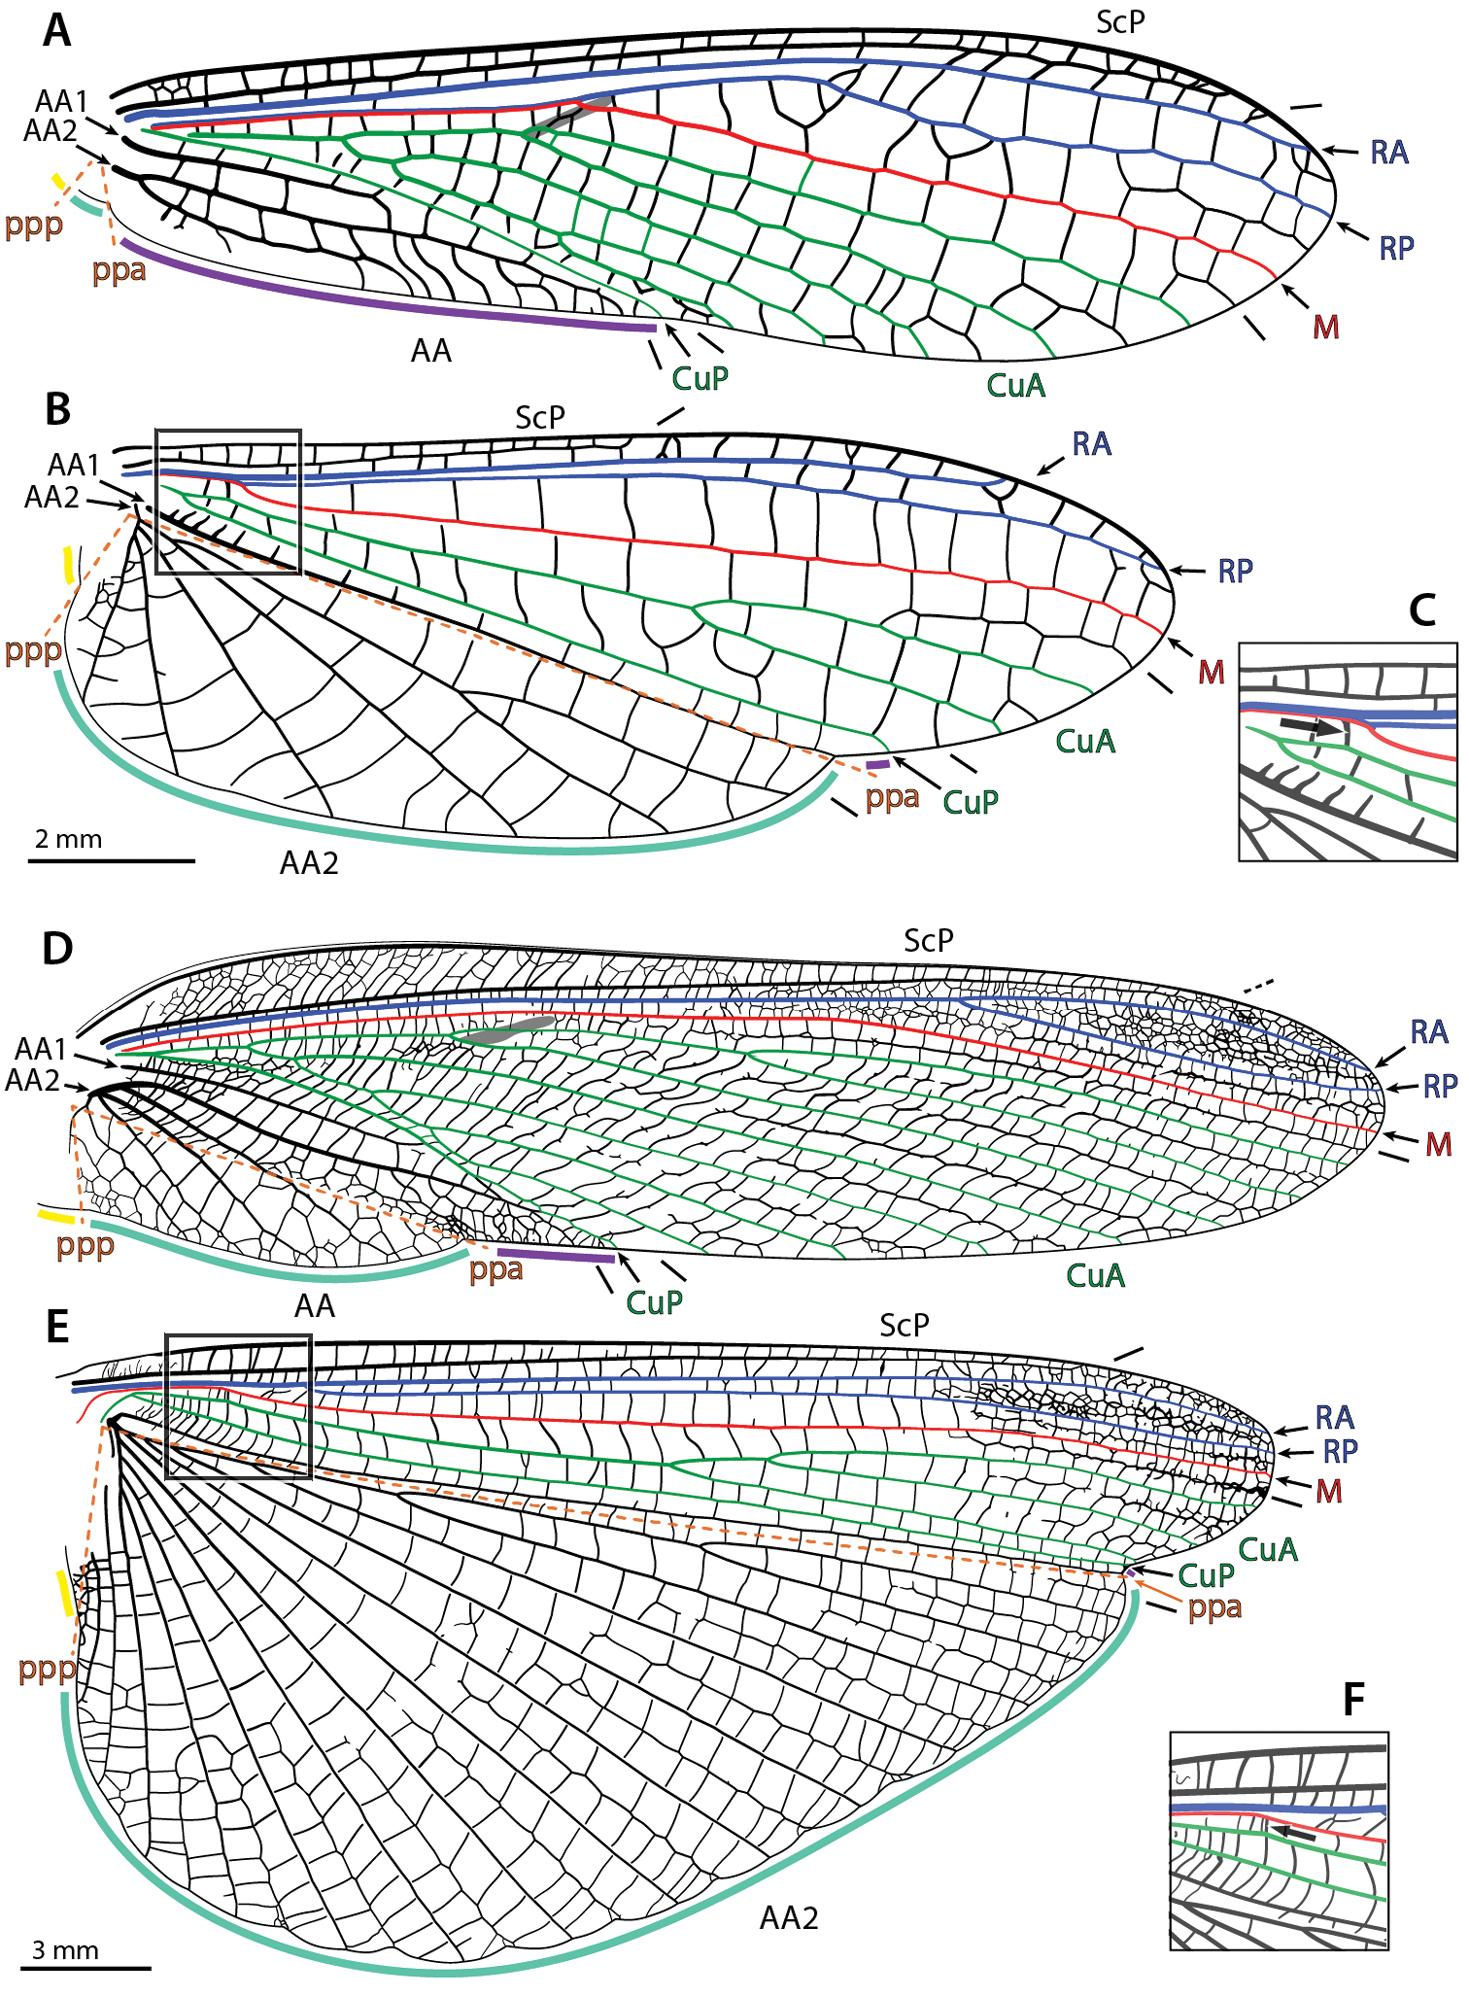 Manual of praying mantis morphology, nomenclature, and